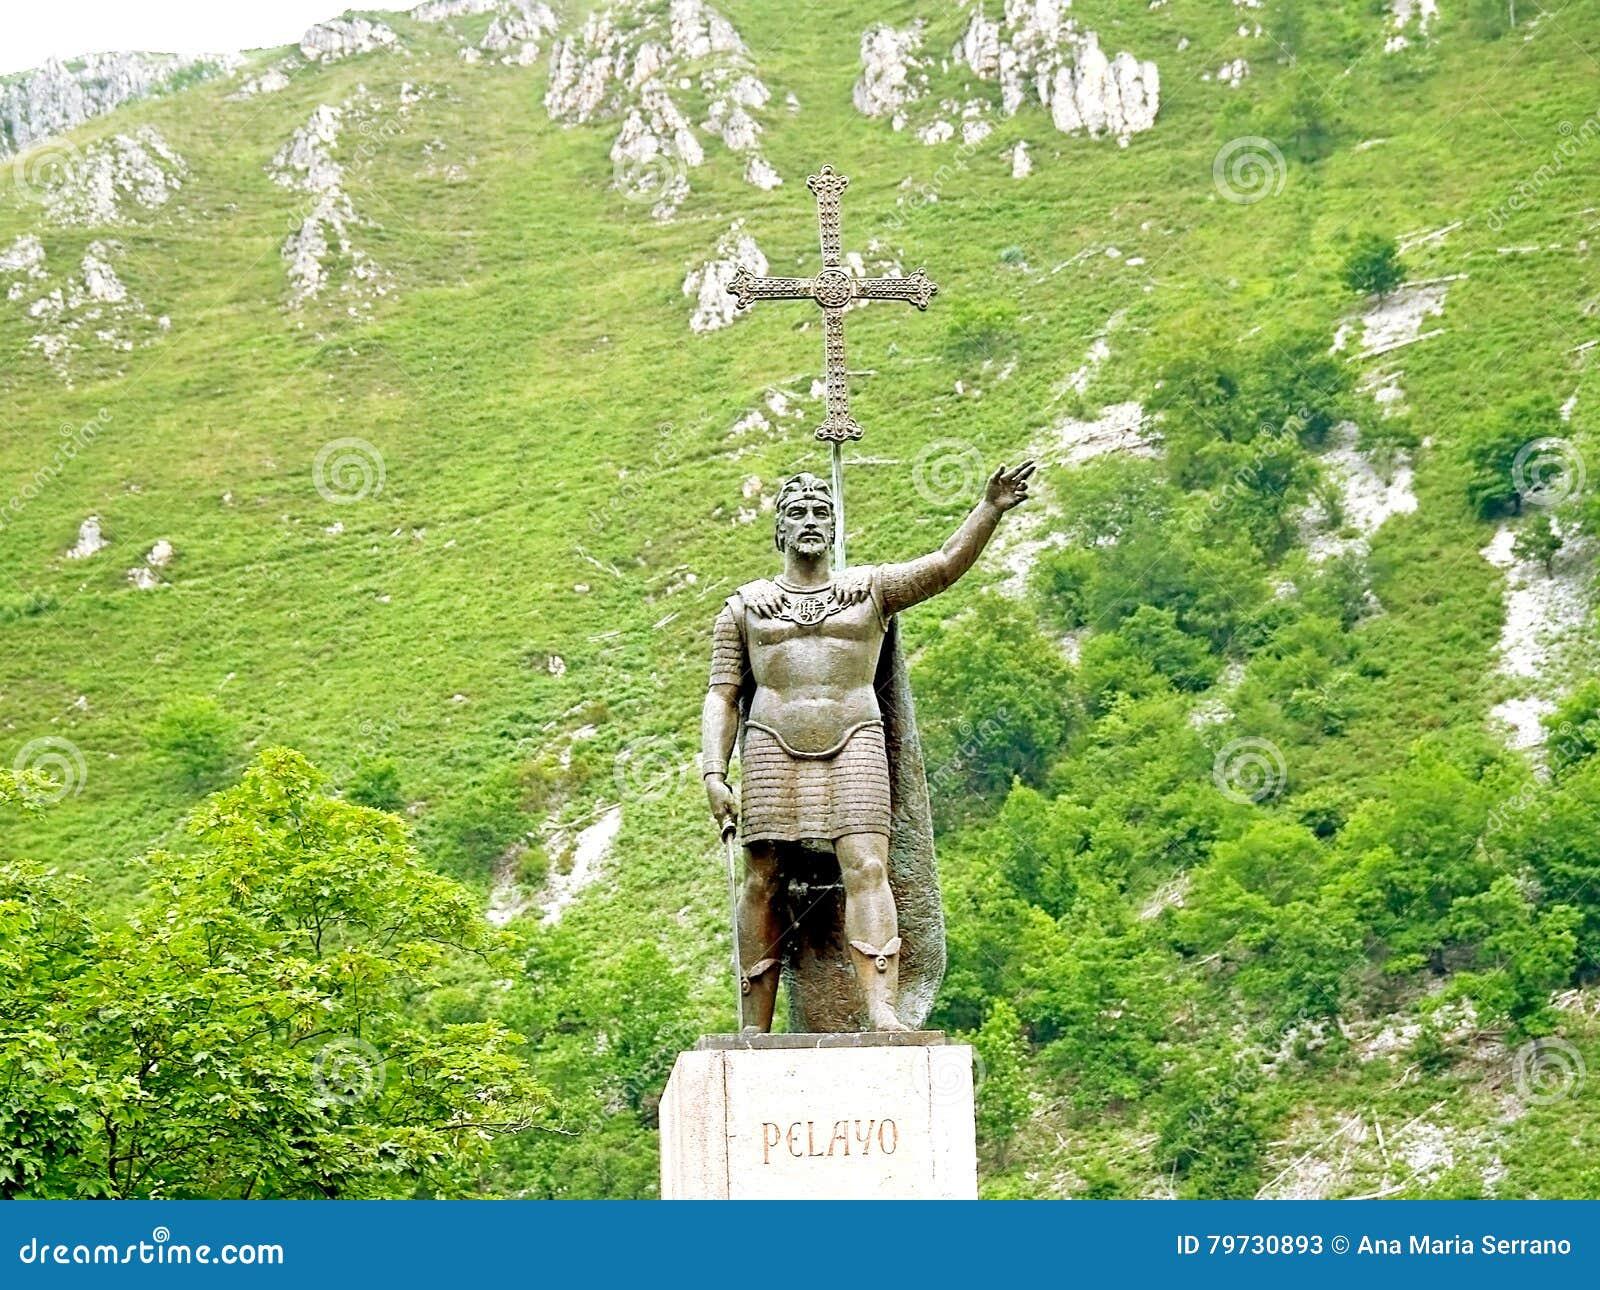 Estatua de Don Pelayo; conquistador español